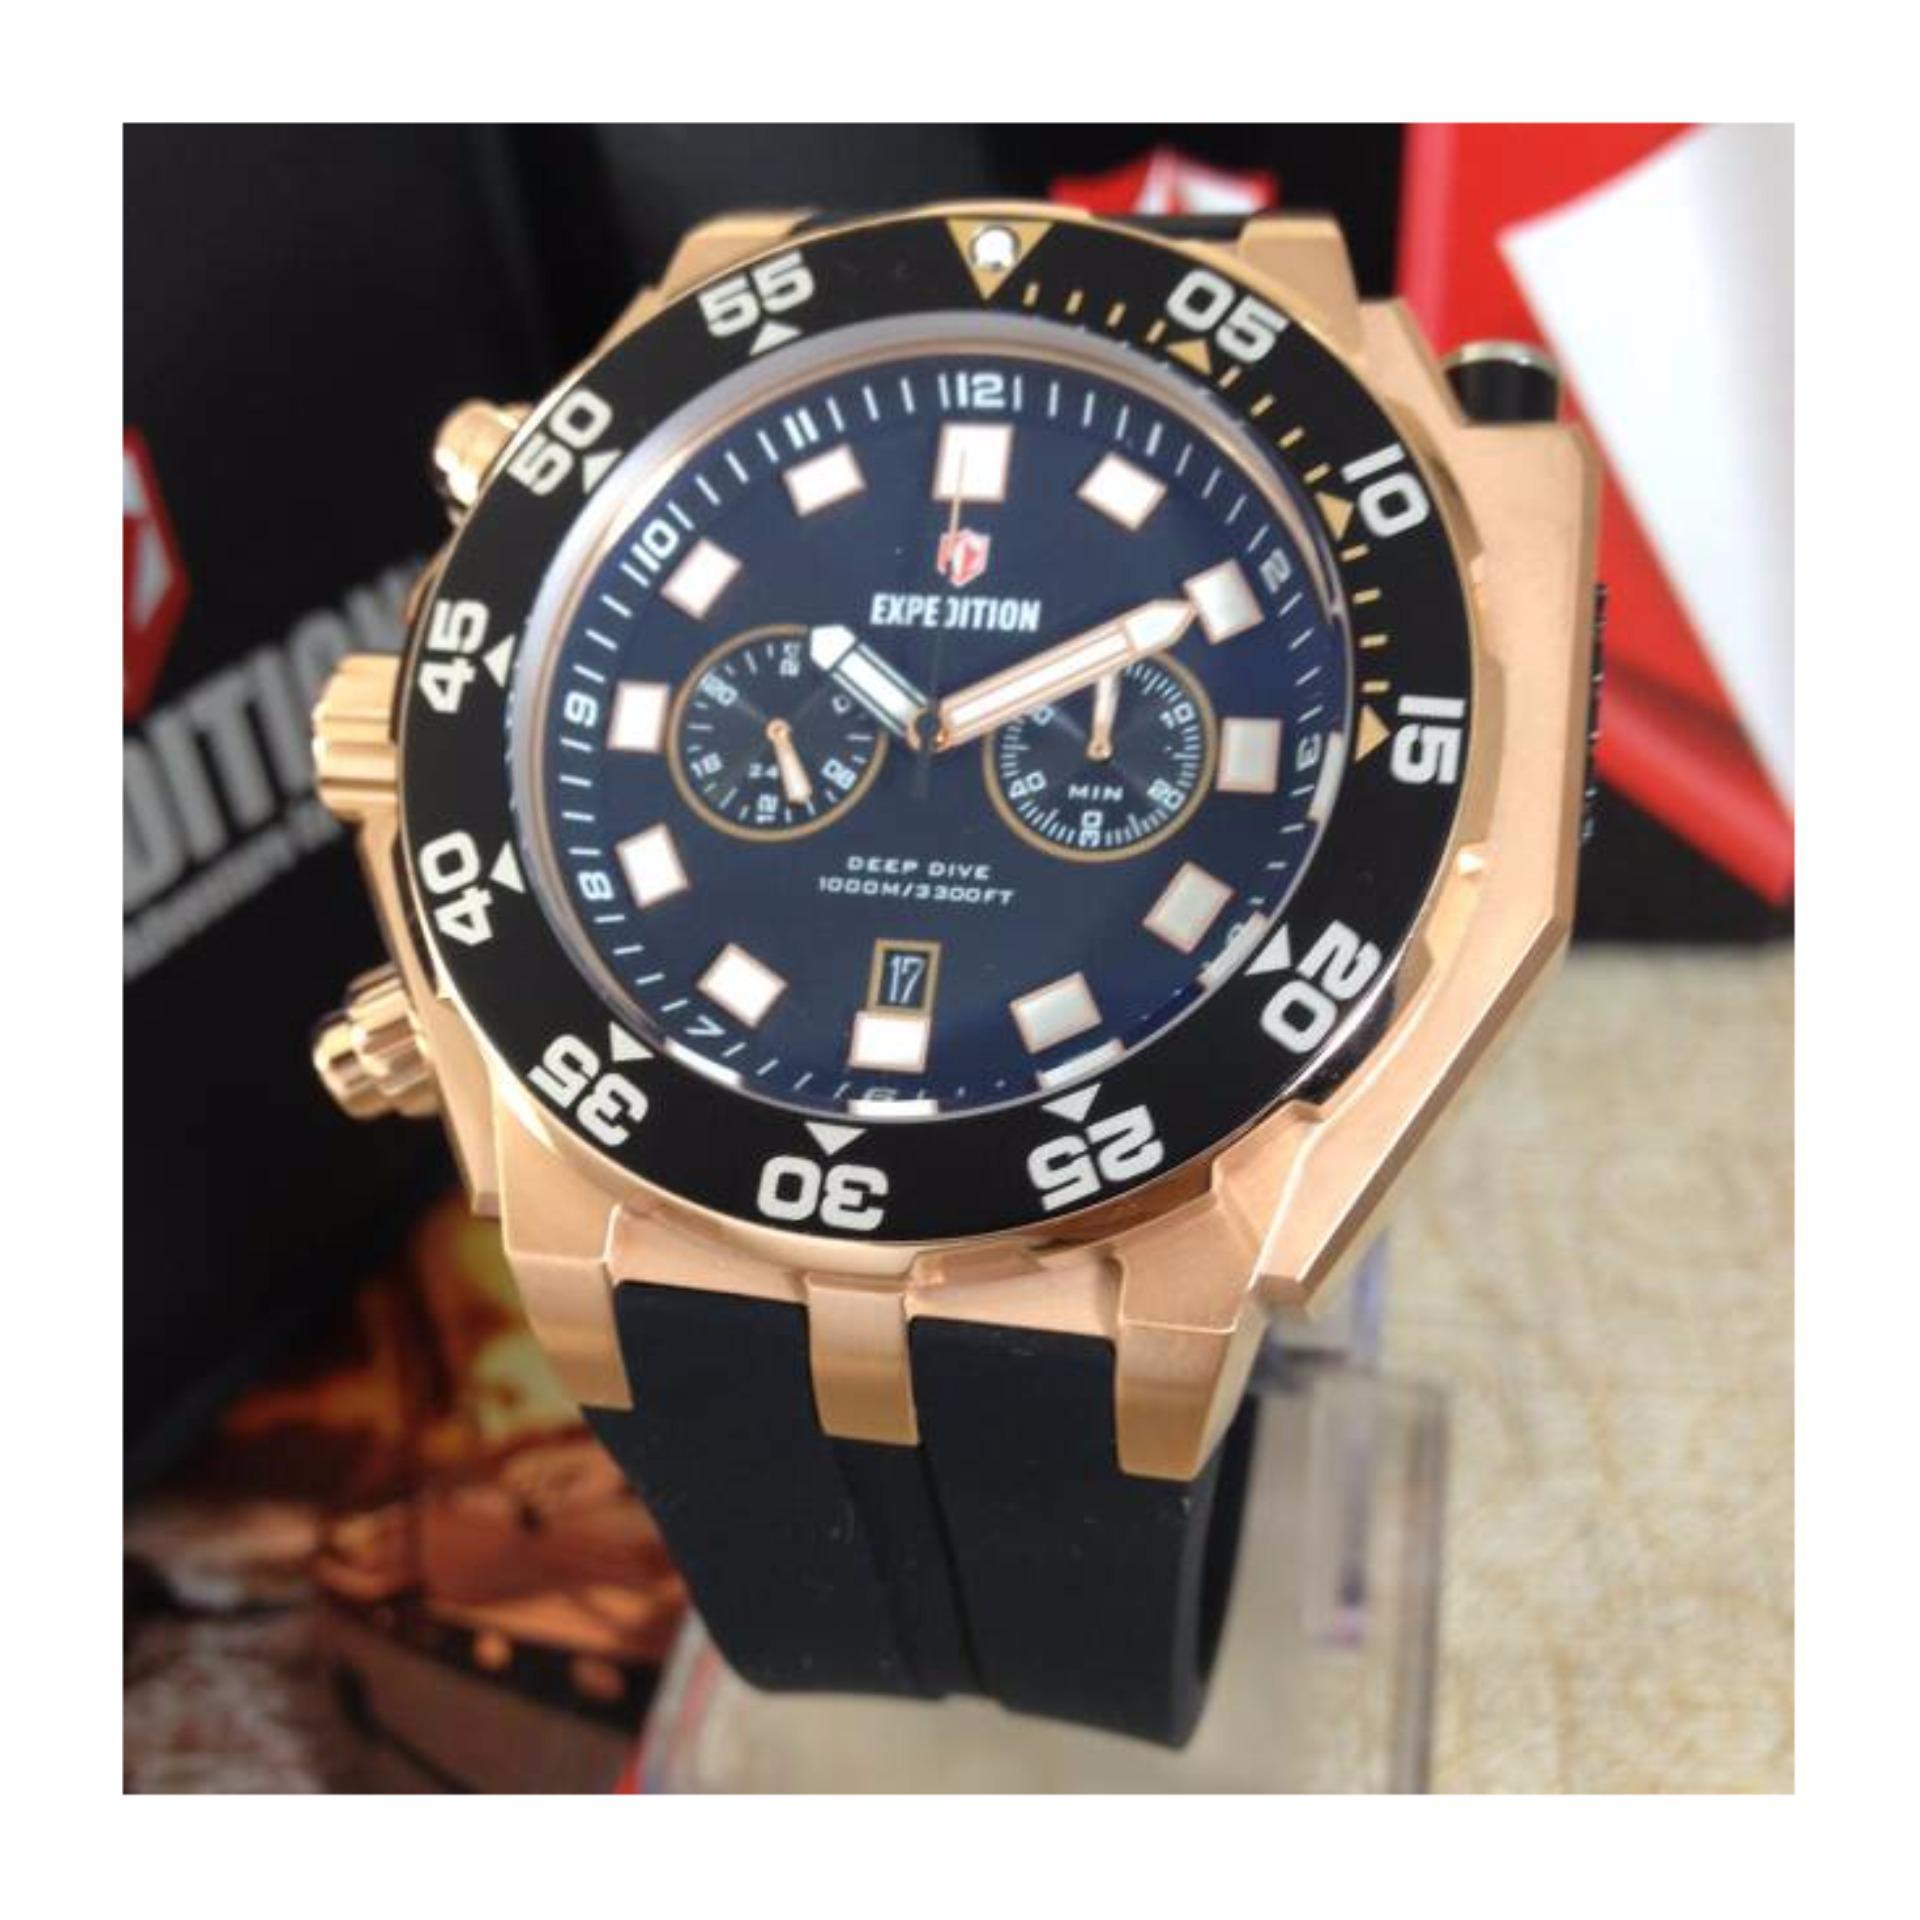 Expedition 6641 Rose Gold Jam Tangan Diving Pria Original